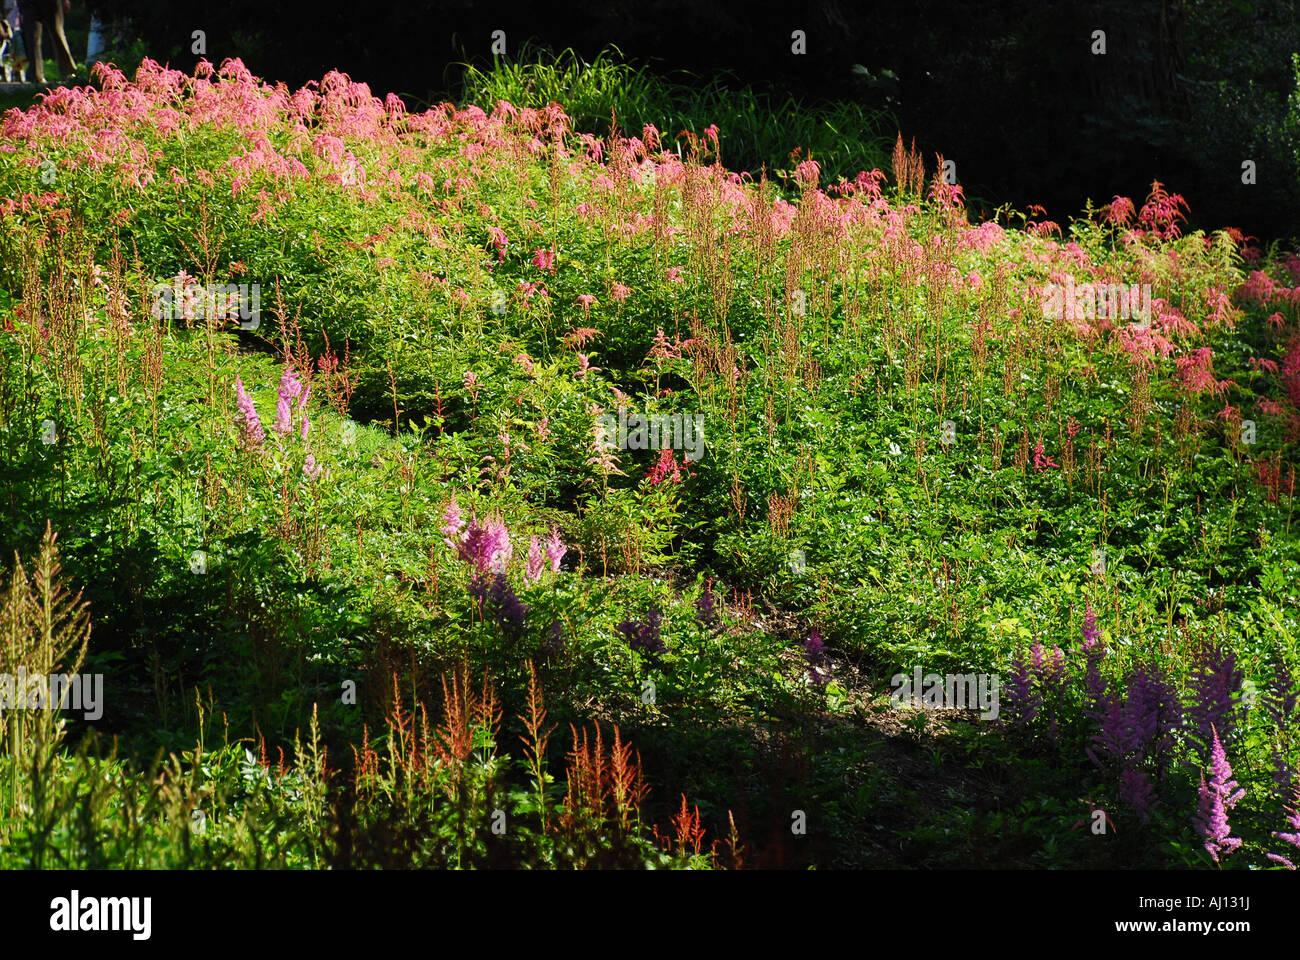 Blumenbeet Gestaltung Mehrjährig mehrjährige pflanze blumenbeete hoehenpark killesberg stuttgart